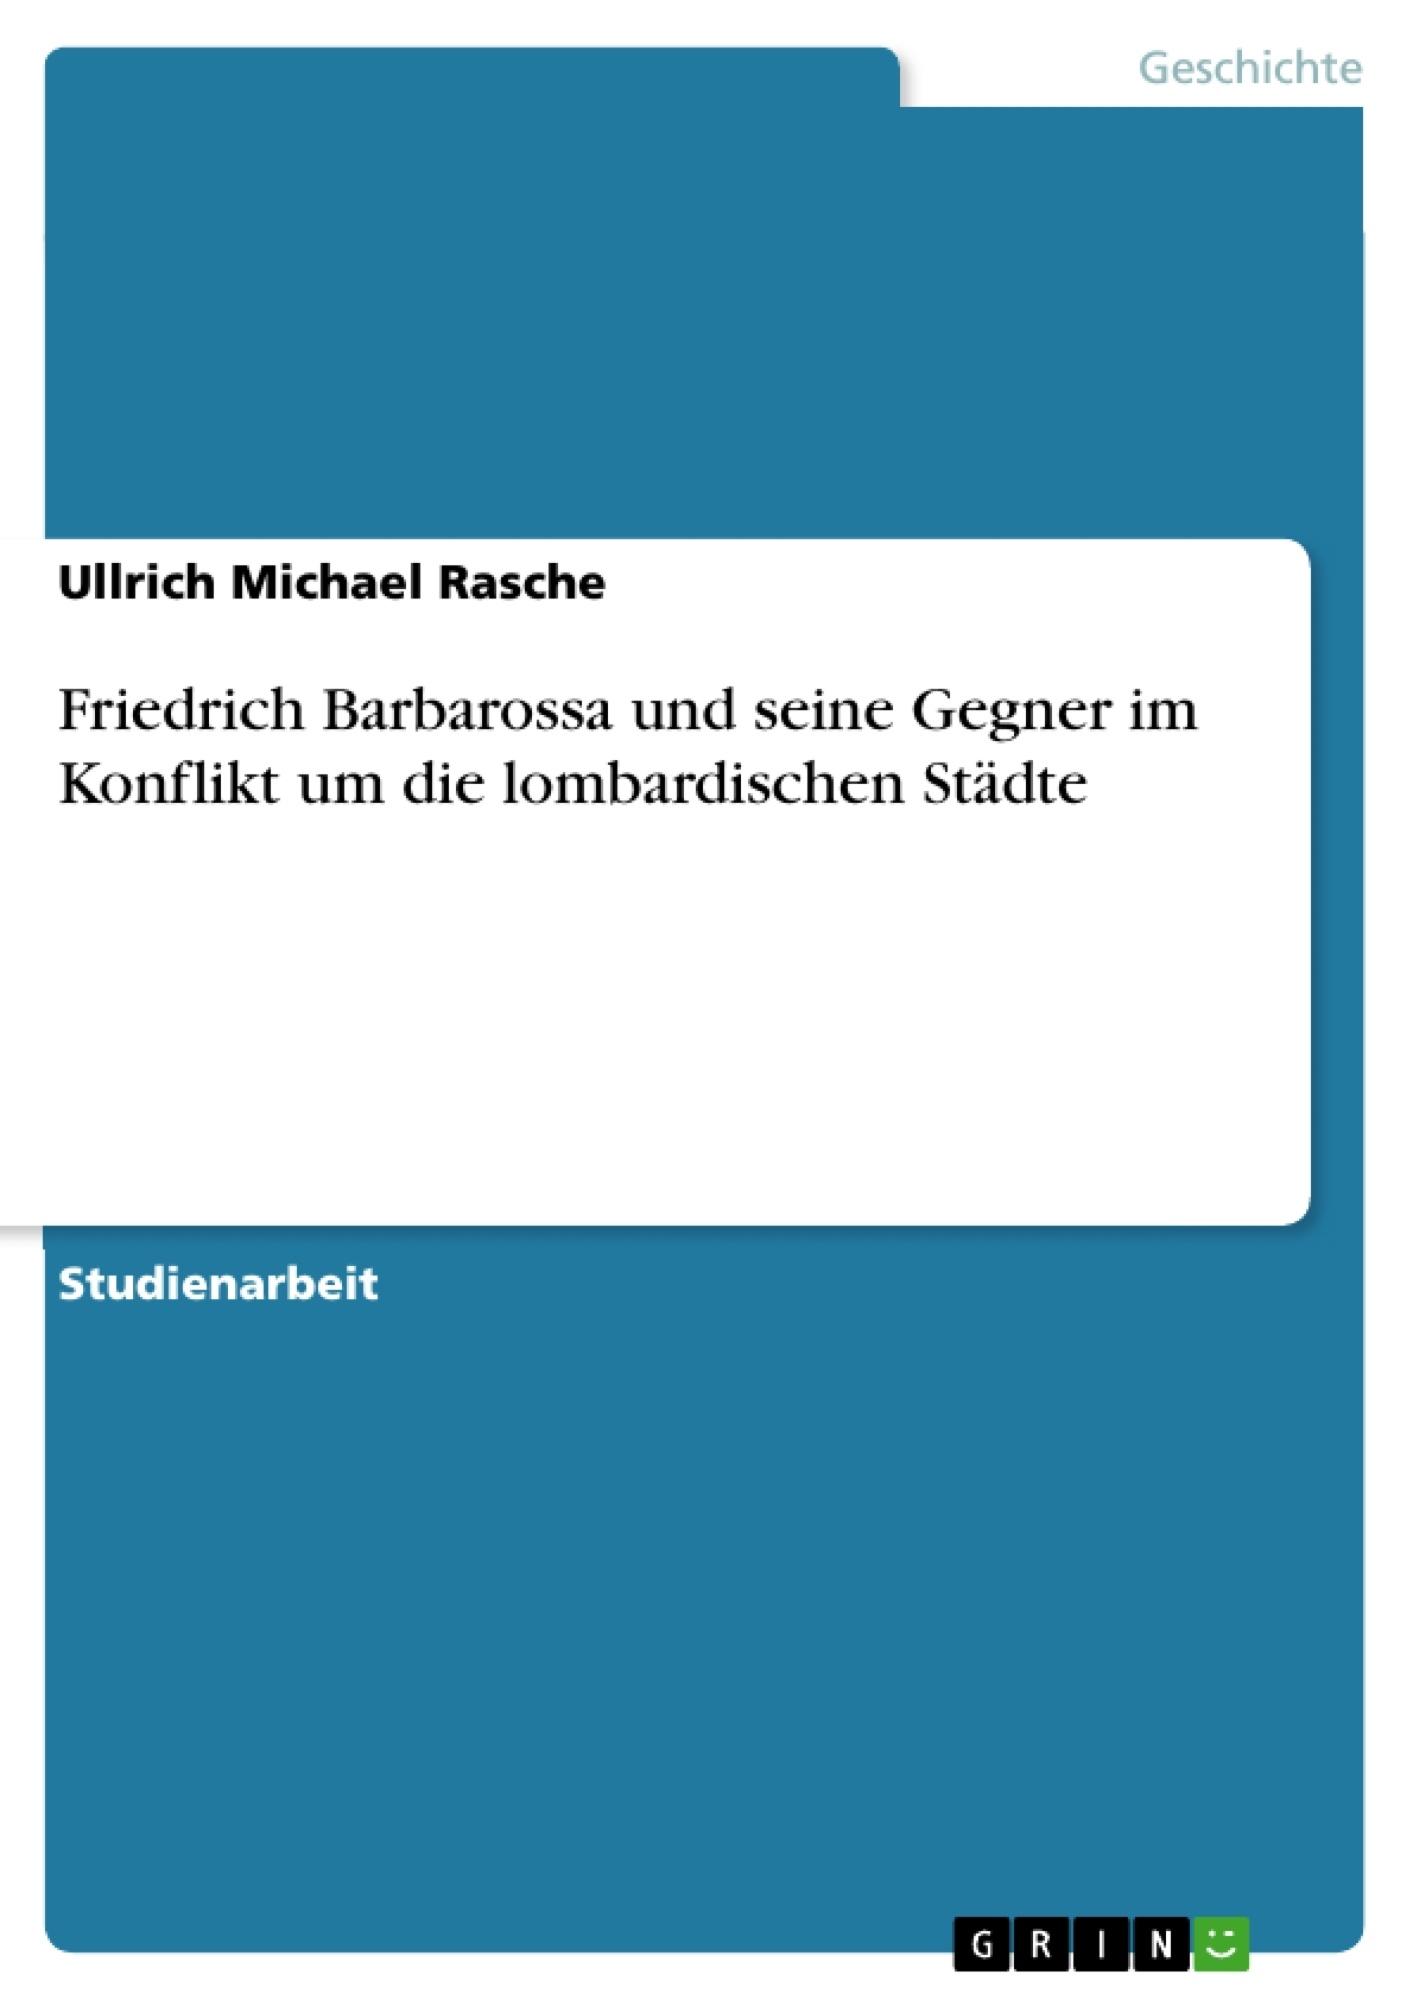 Titel: Friedrich Barbarossa und seine Gegner im Konflikt um die lombardischen Städte